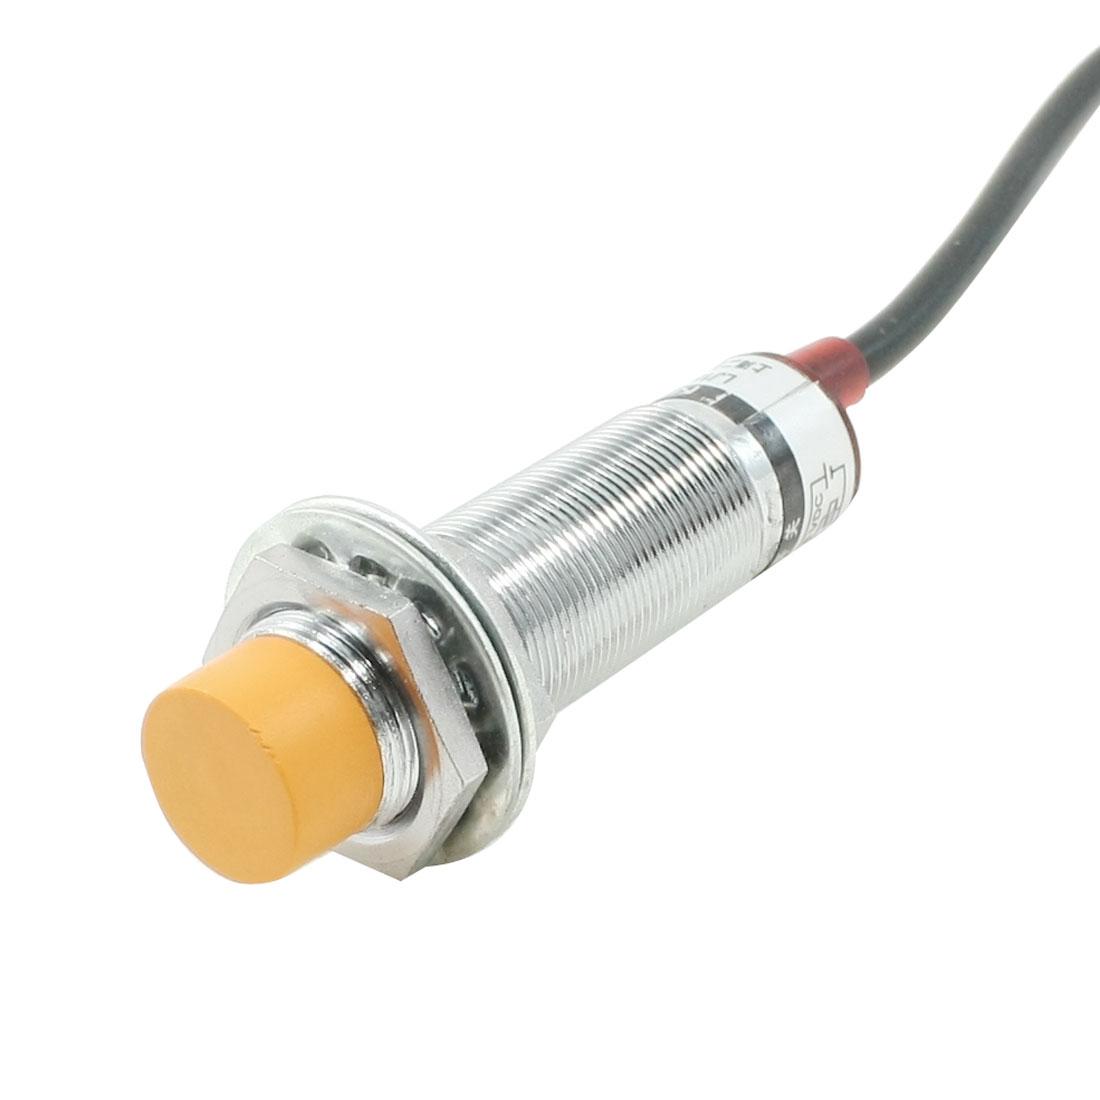 LJ18A3-8-Z/BY DC 6-36V 300mA PNP NO 8mm Inductive Proximity Switch